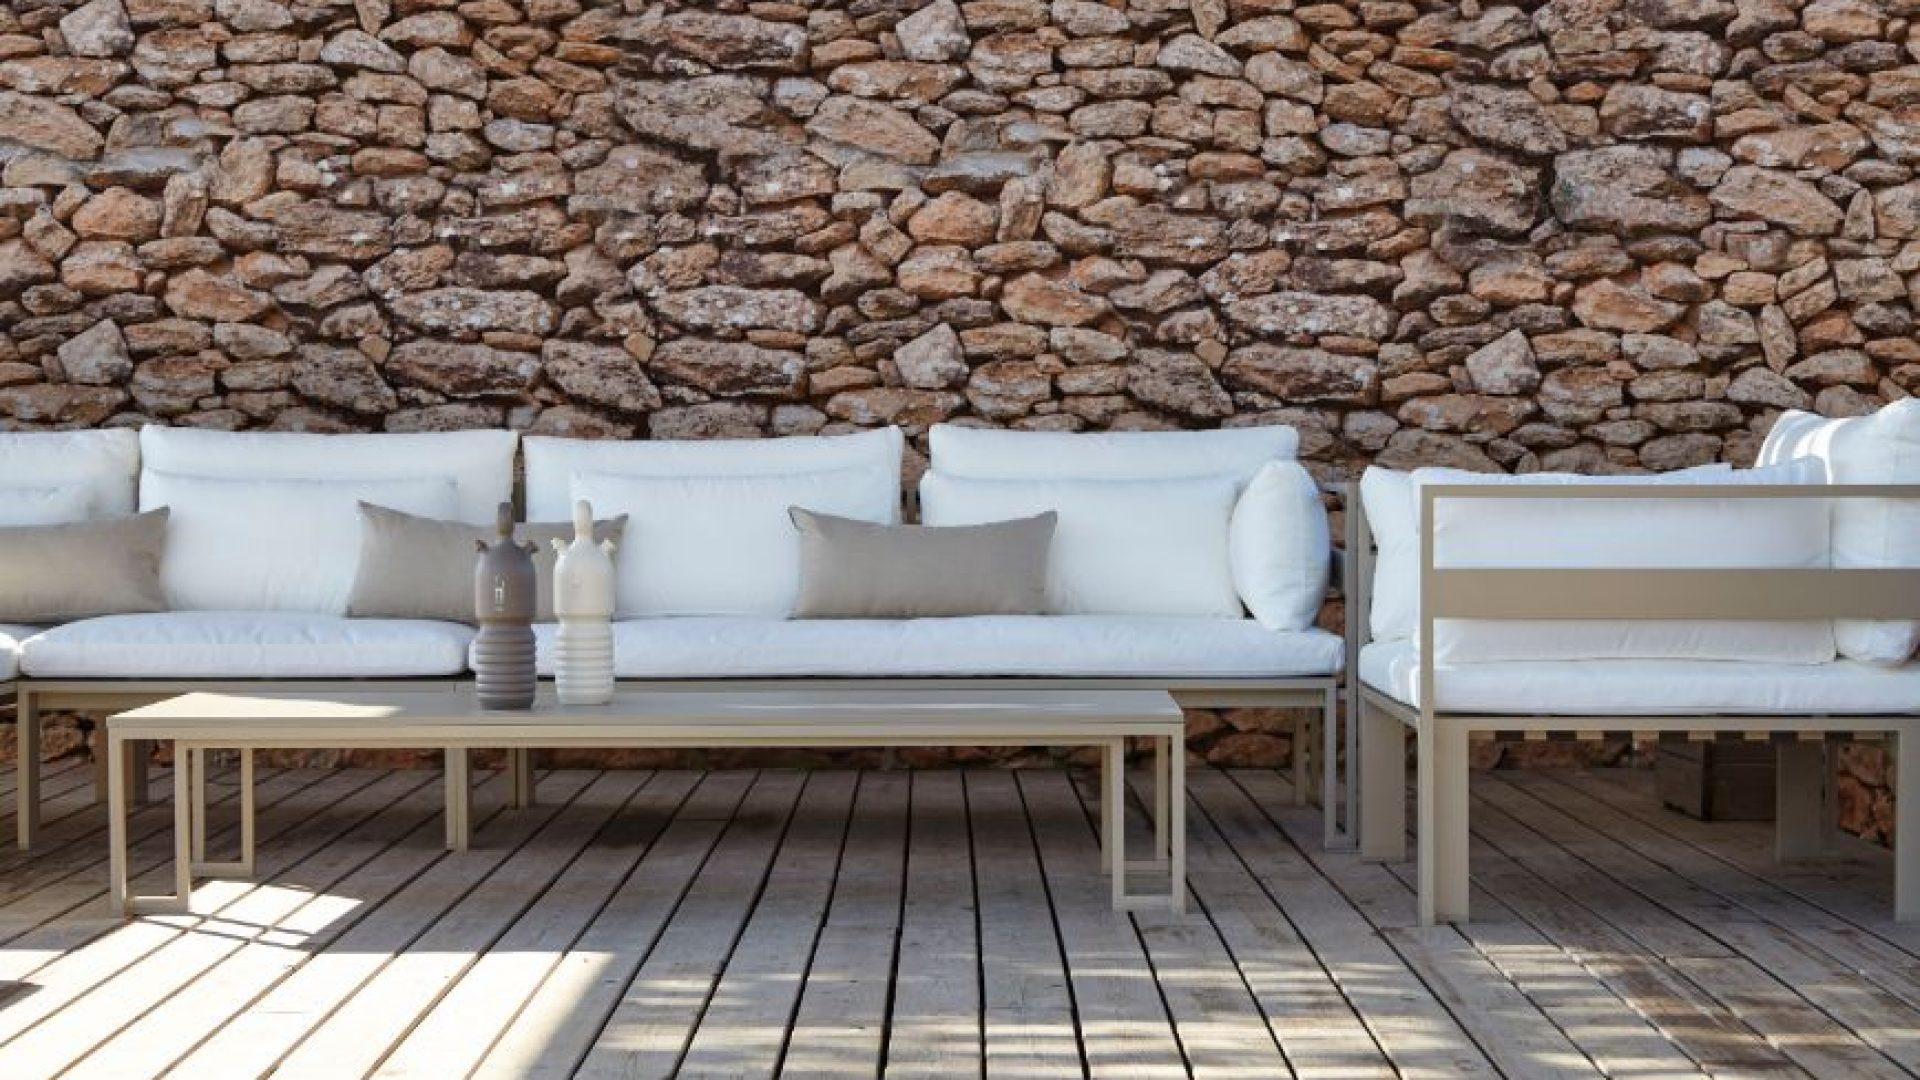 jian-sand-modular-sofas-composition-ambience-image-3